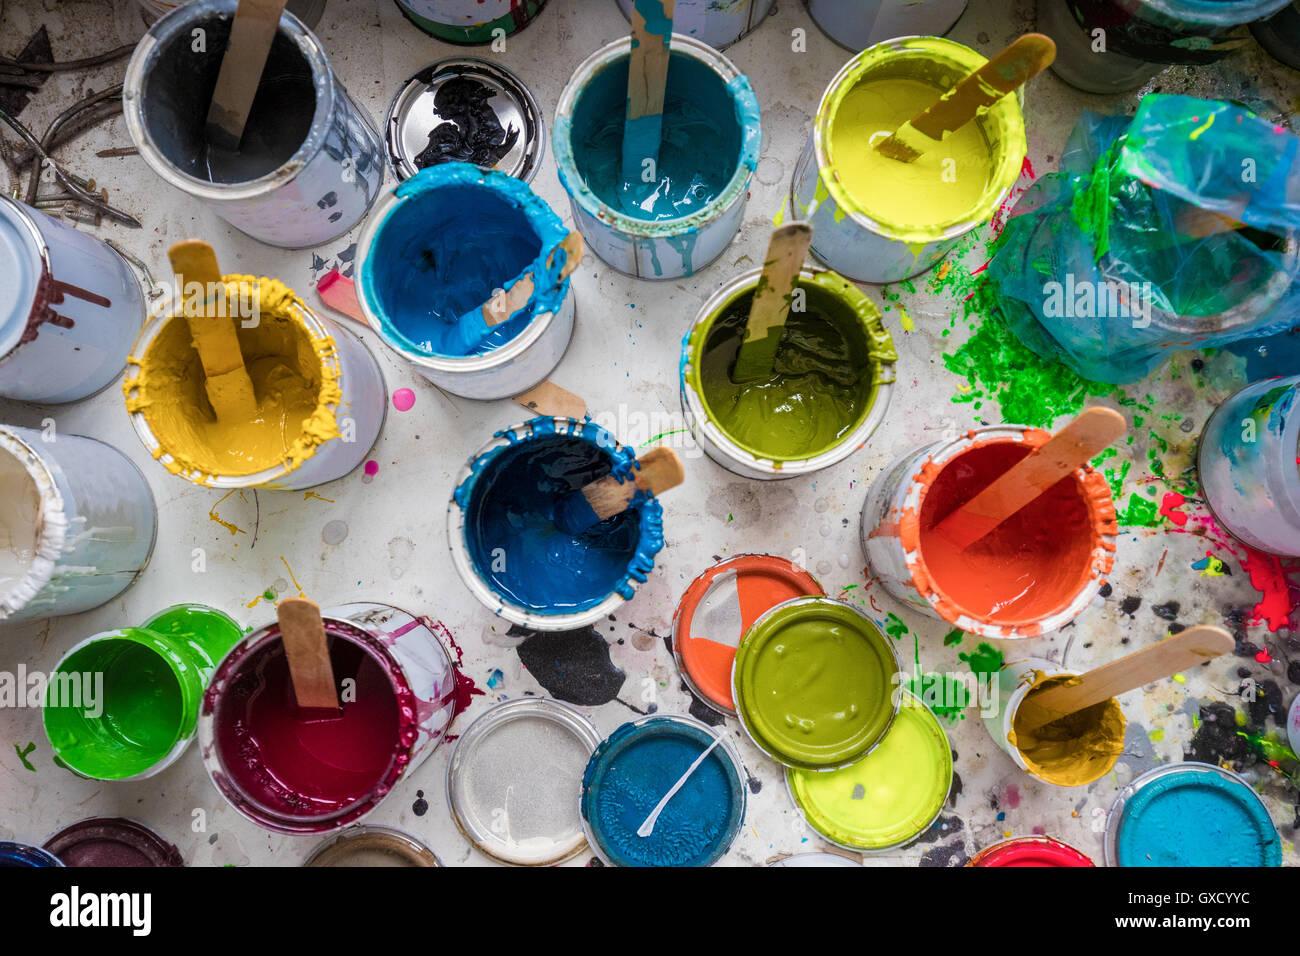 Vue aérienne d'agitateurs dans les pots de peinture dans la région de surf maker's workshop Banque D'Images